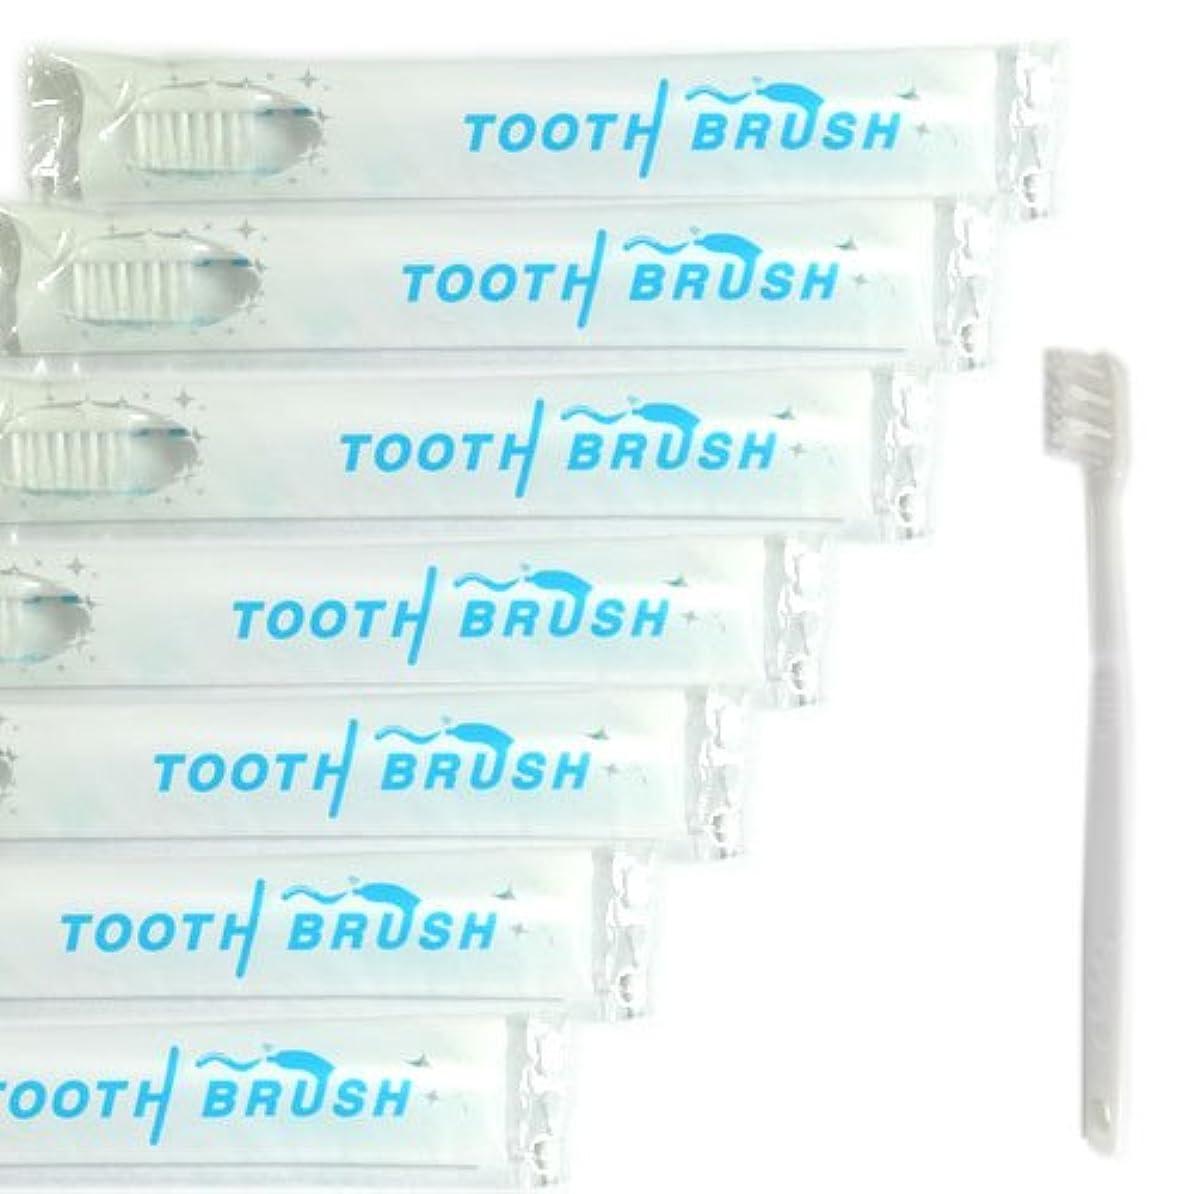 メガロポリス現実には写真撮影業務用 使い捨て(インスタント) 粉付き歯ブラシ(100本組) 予備付き